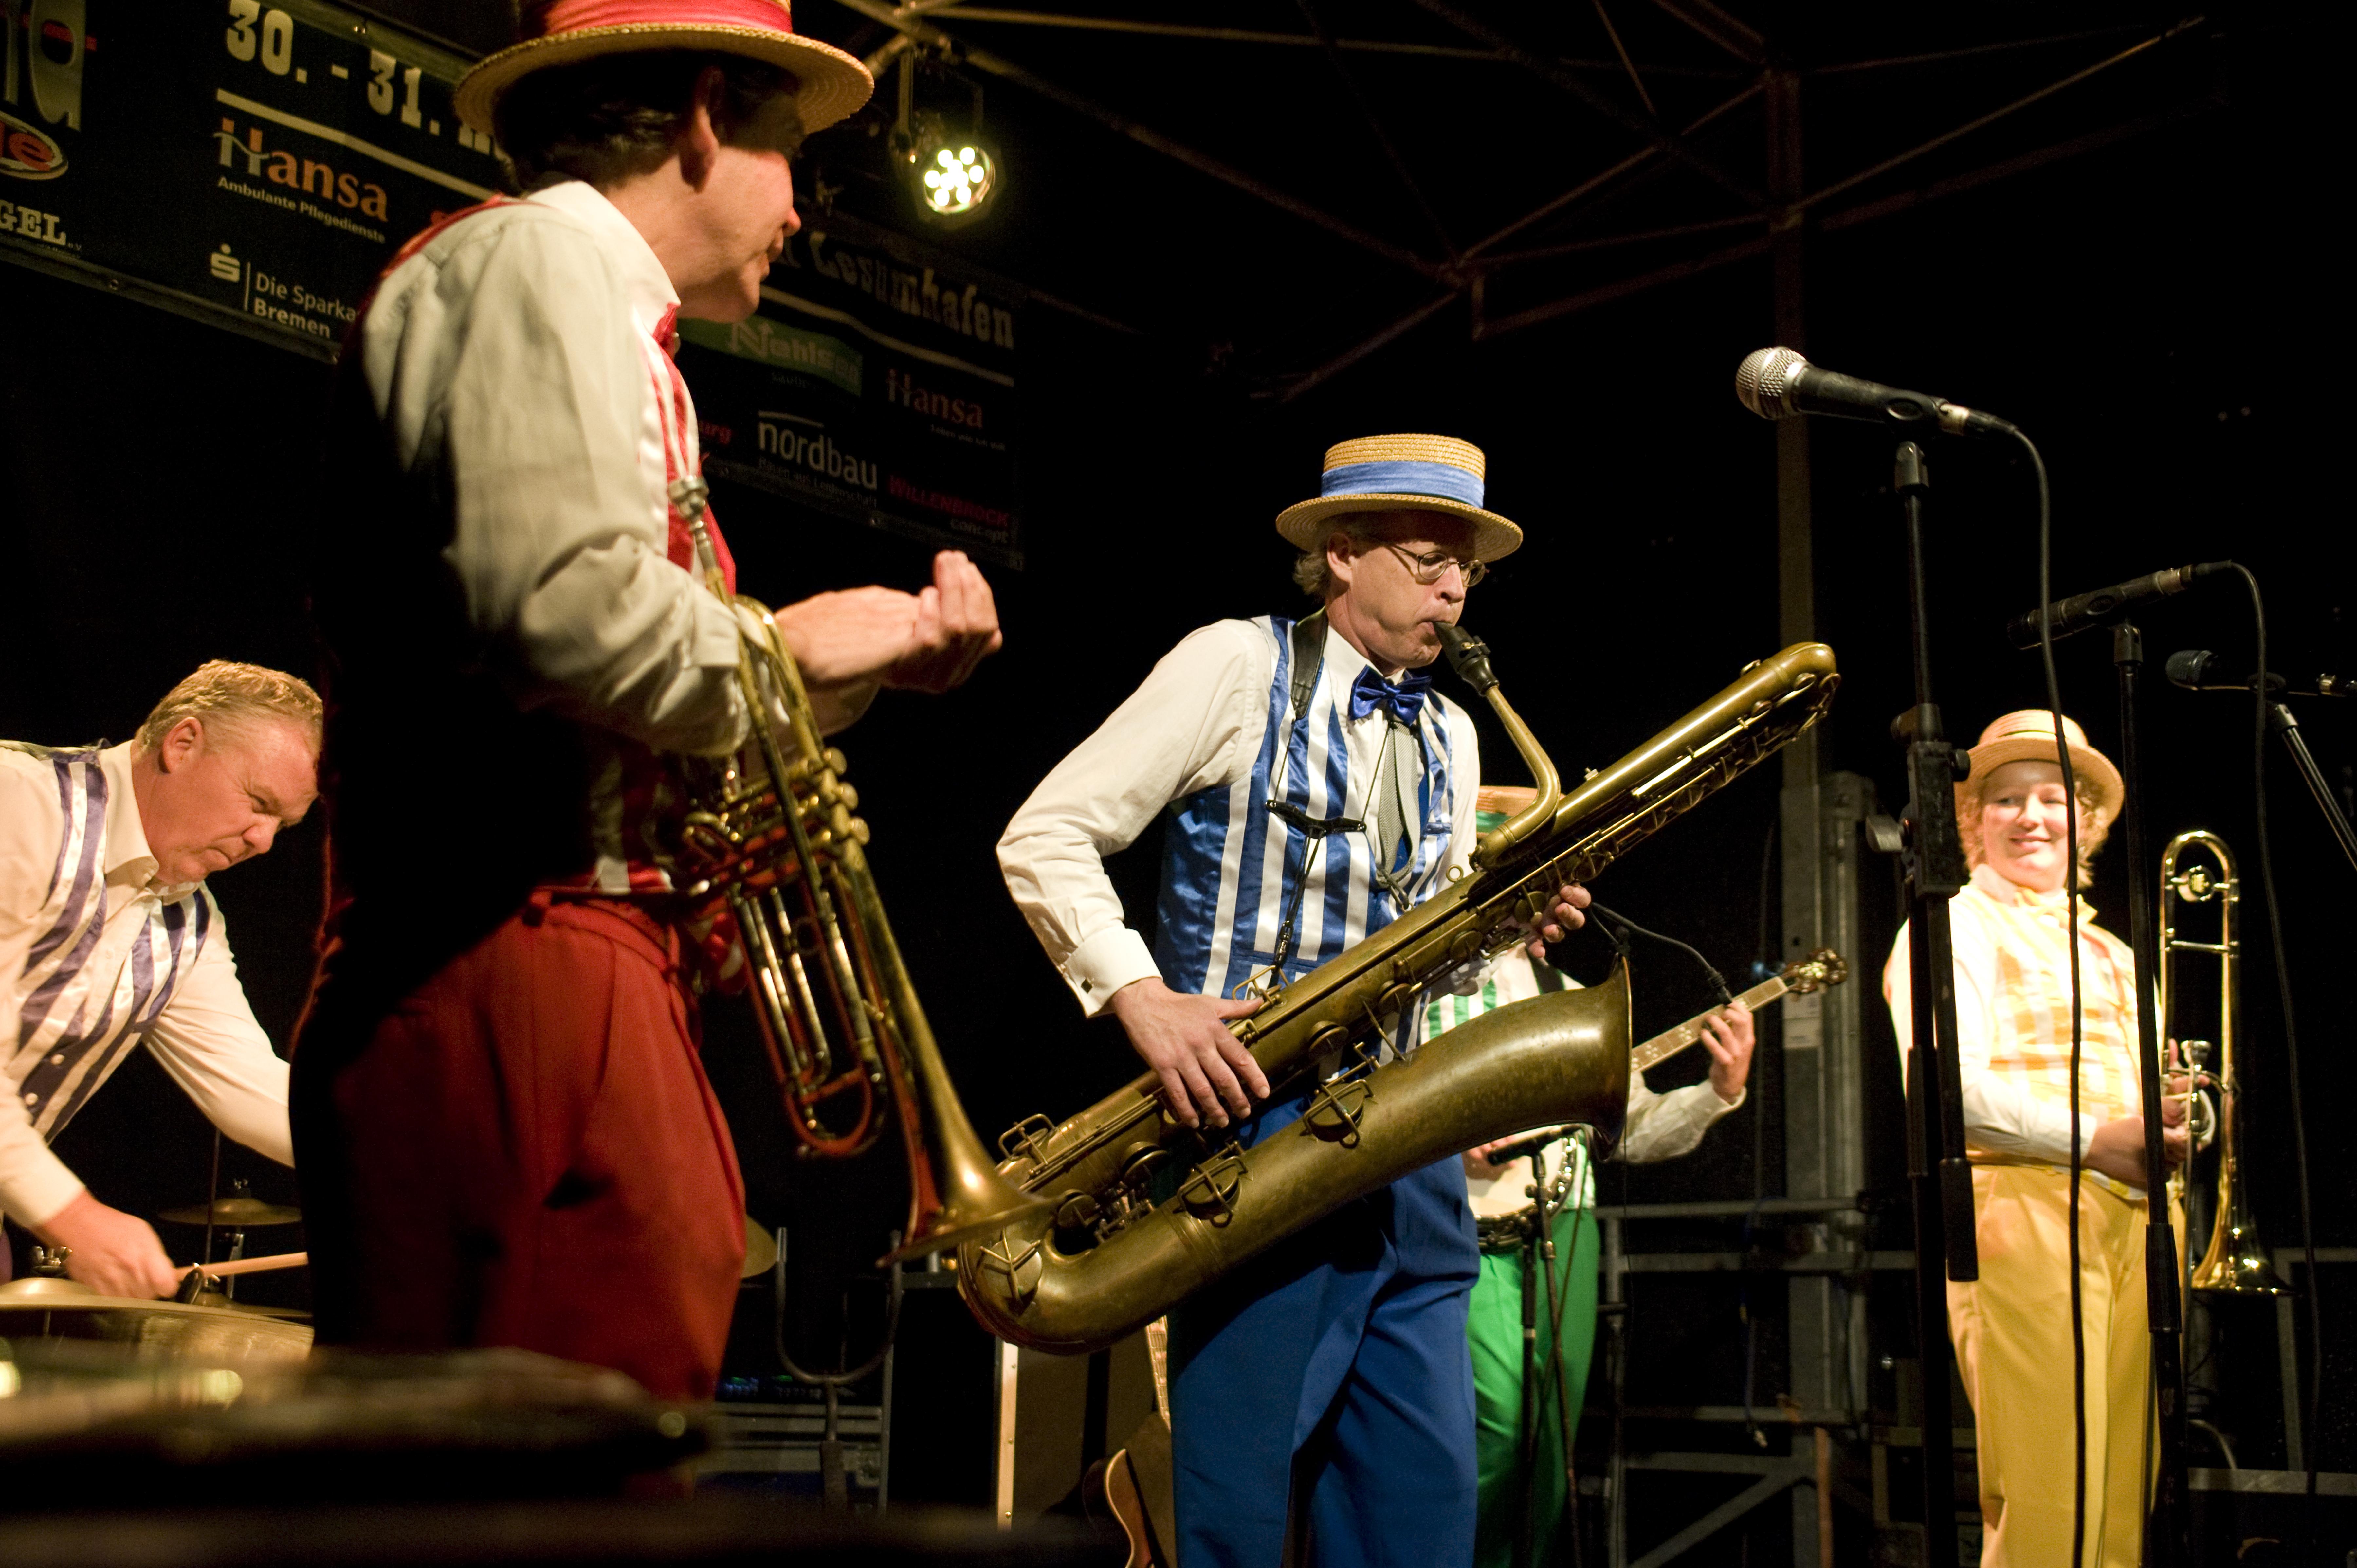 Musiker auf der Bühne, im Fokus ein Tuba spielender Mann